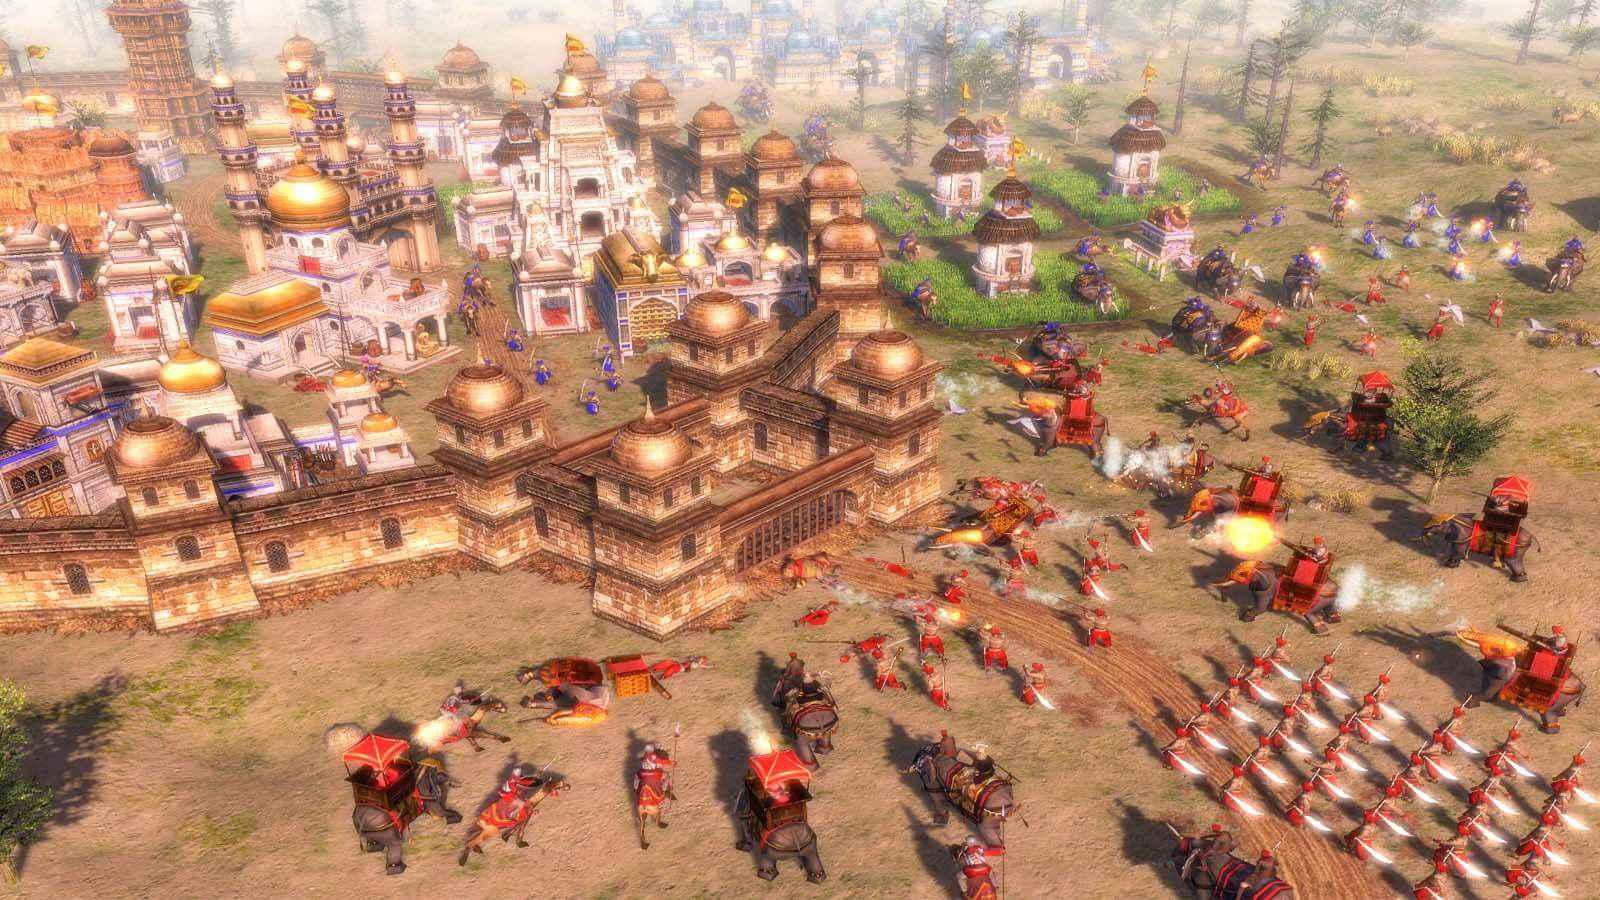 تحميل لعبة Age Of Empires 3 مضغوطة برابط واحد مباشر كاملة مجانا